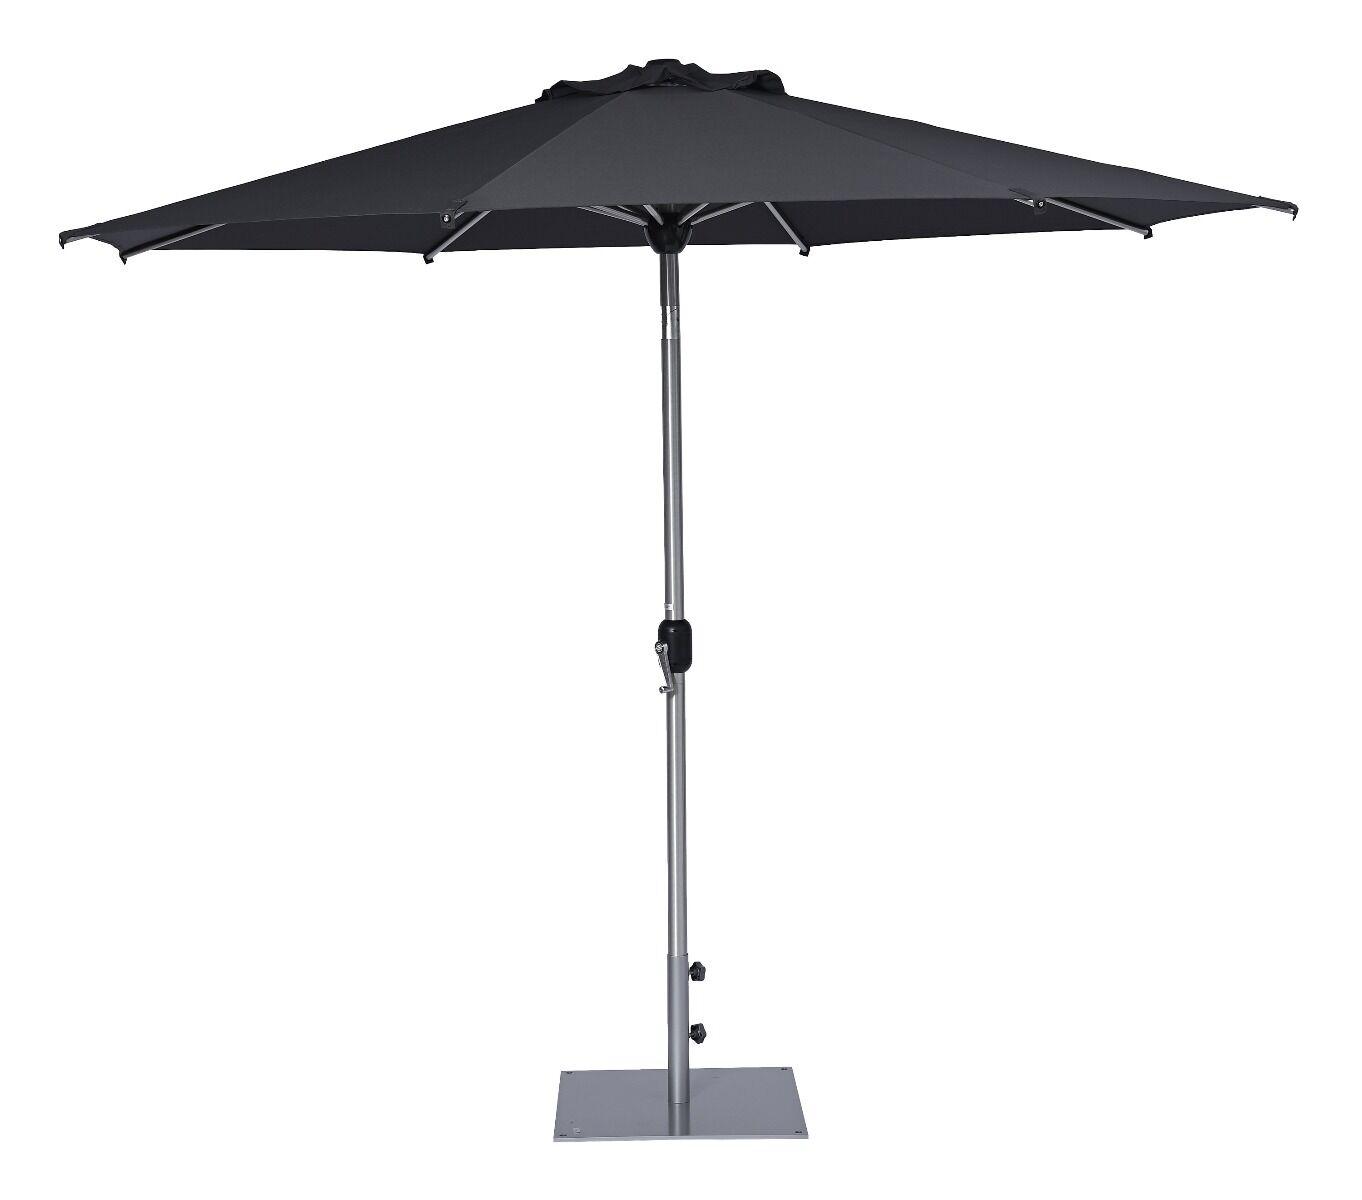 Baza parasola ogrodowego  60x60cm do pałąka o średnicy 53mm